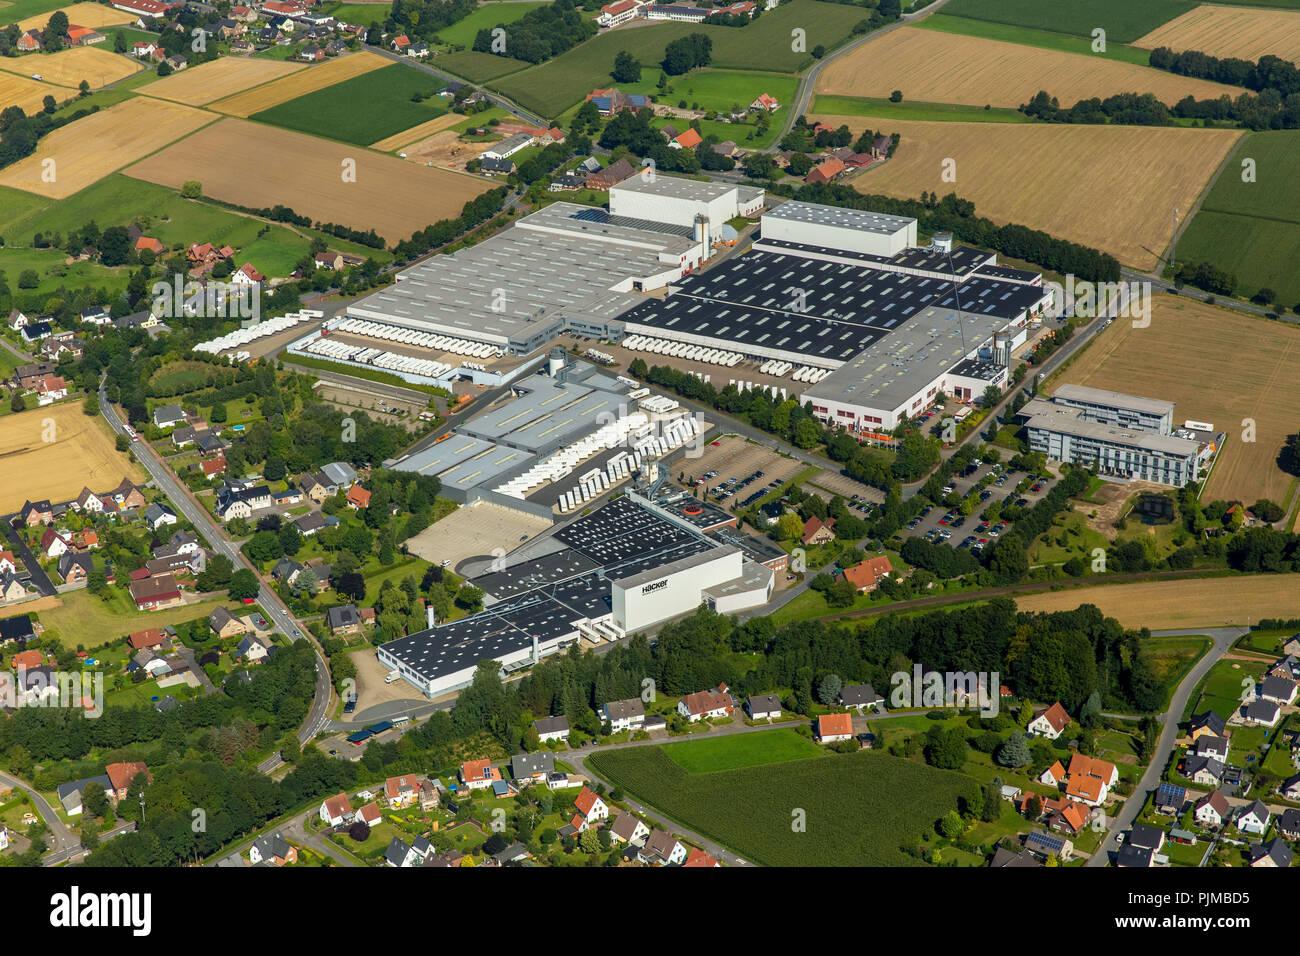 Bieren, Häcker Kitchens GmbH & Co. KG, Roedinghausen, East Westphalia, North Rhine-Westphalia, Germany - Stock Image